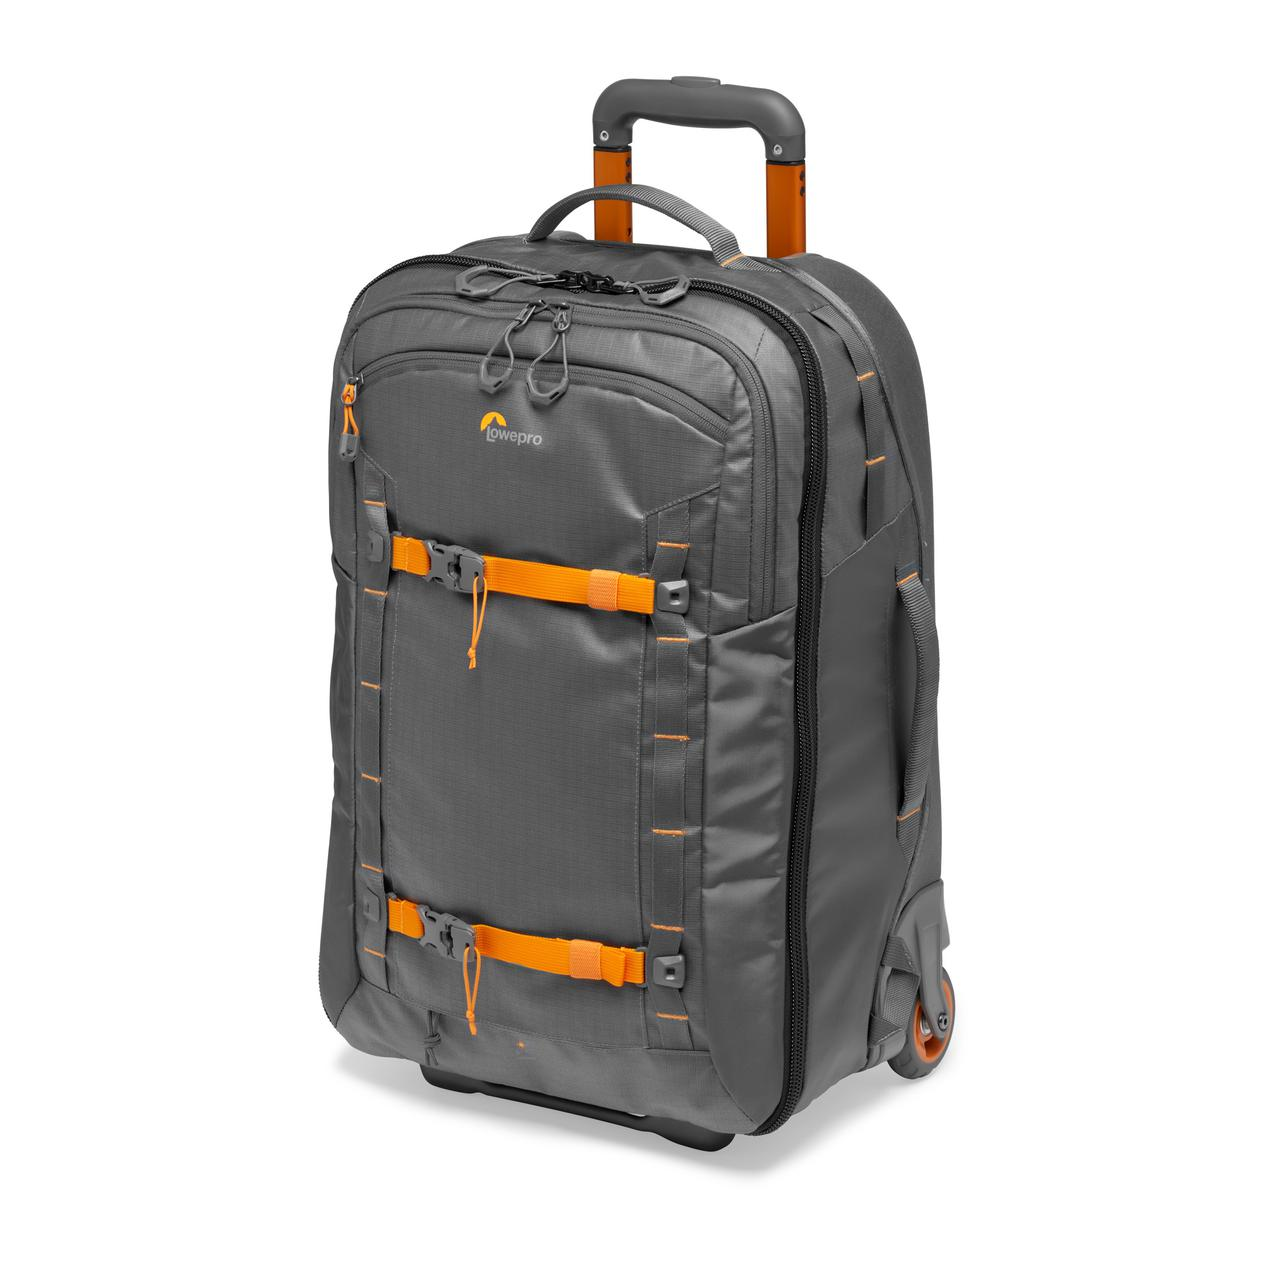 画像1: プロフォトグラファー向けバッグ。機内持ち込み可能サイズで便利!